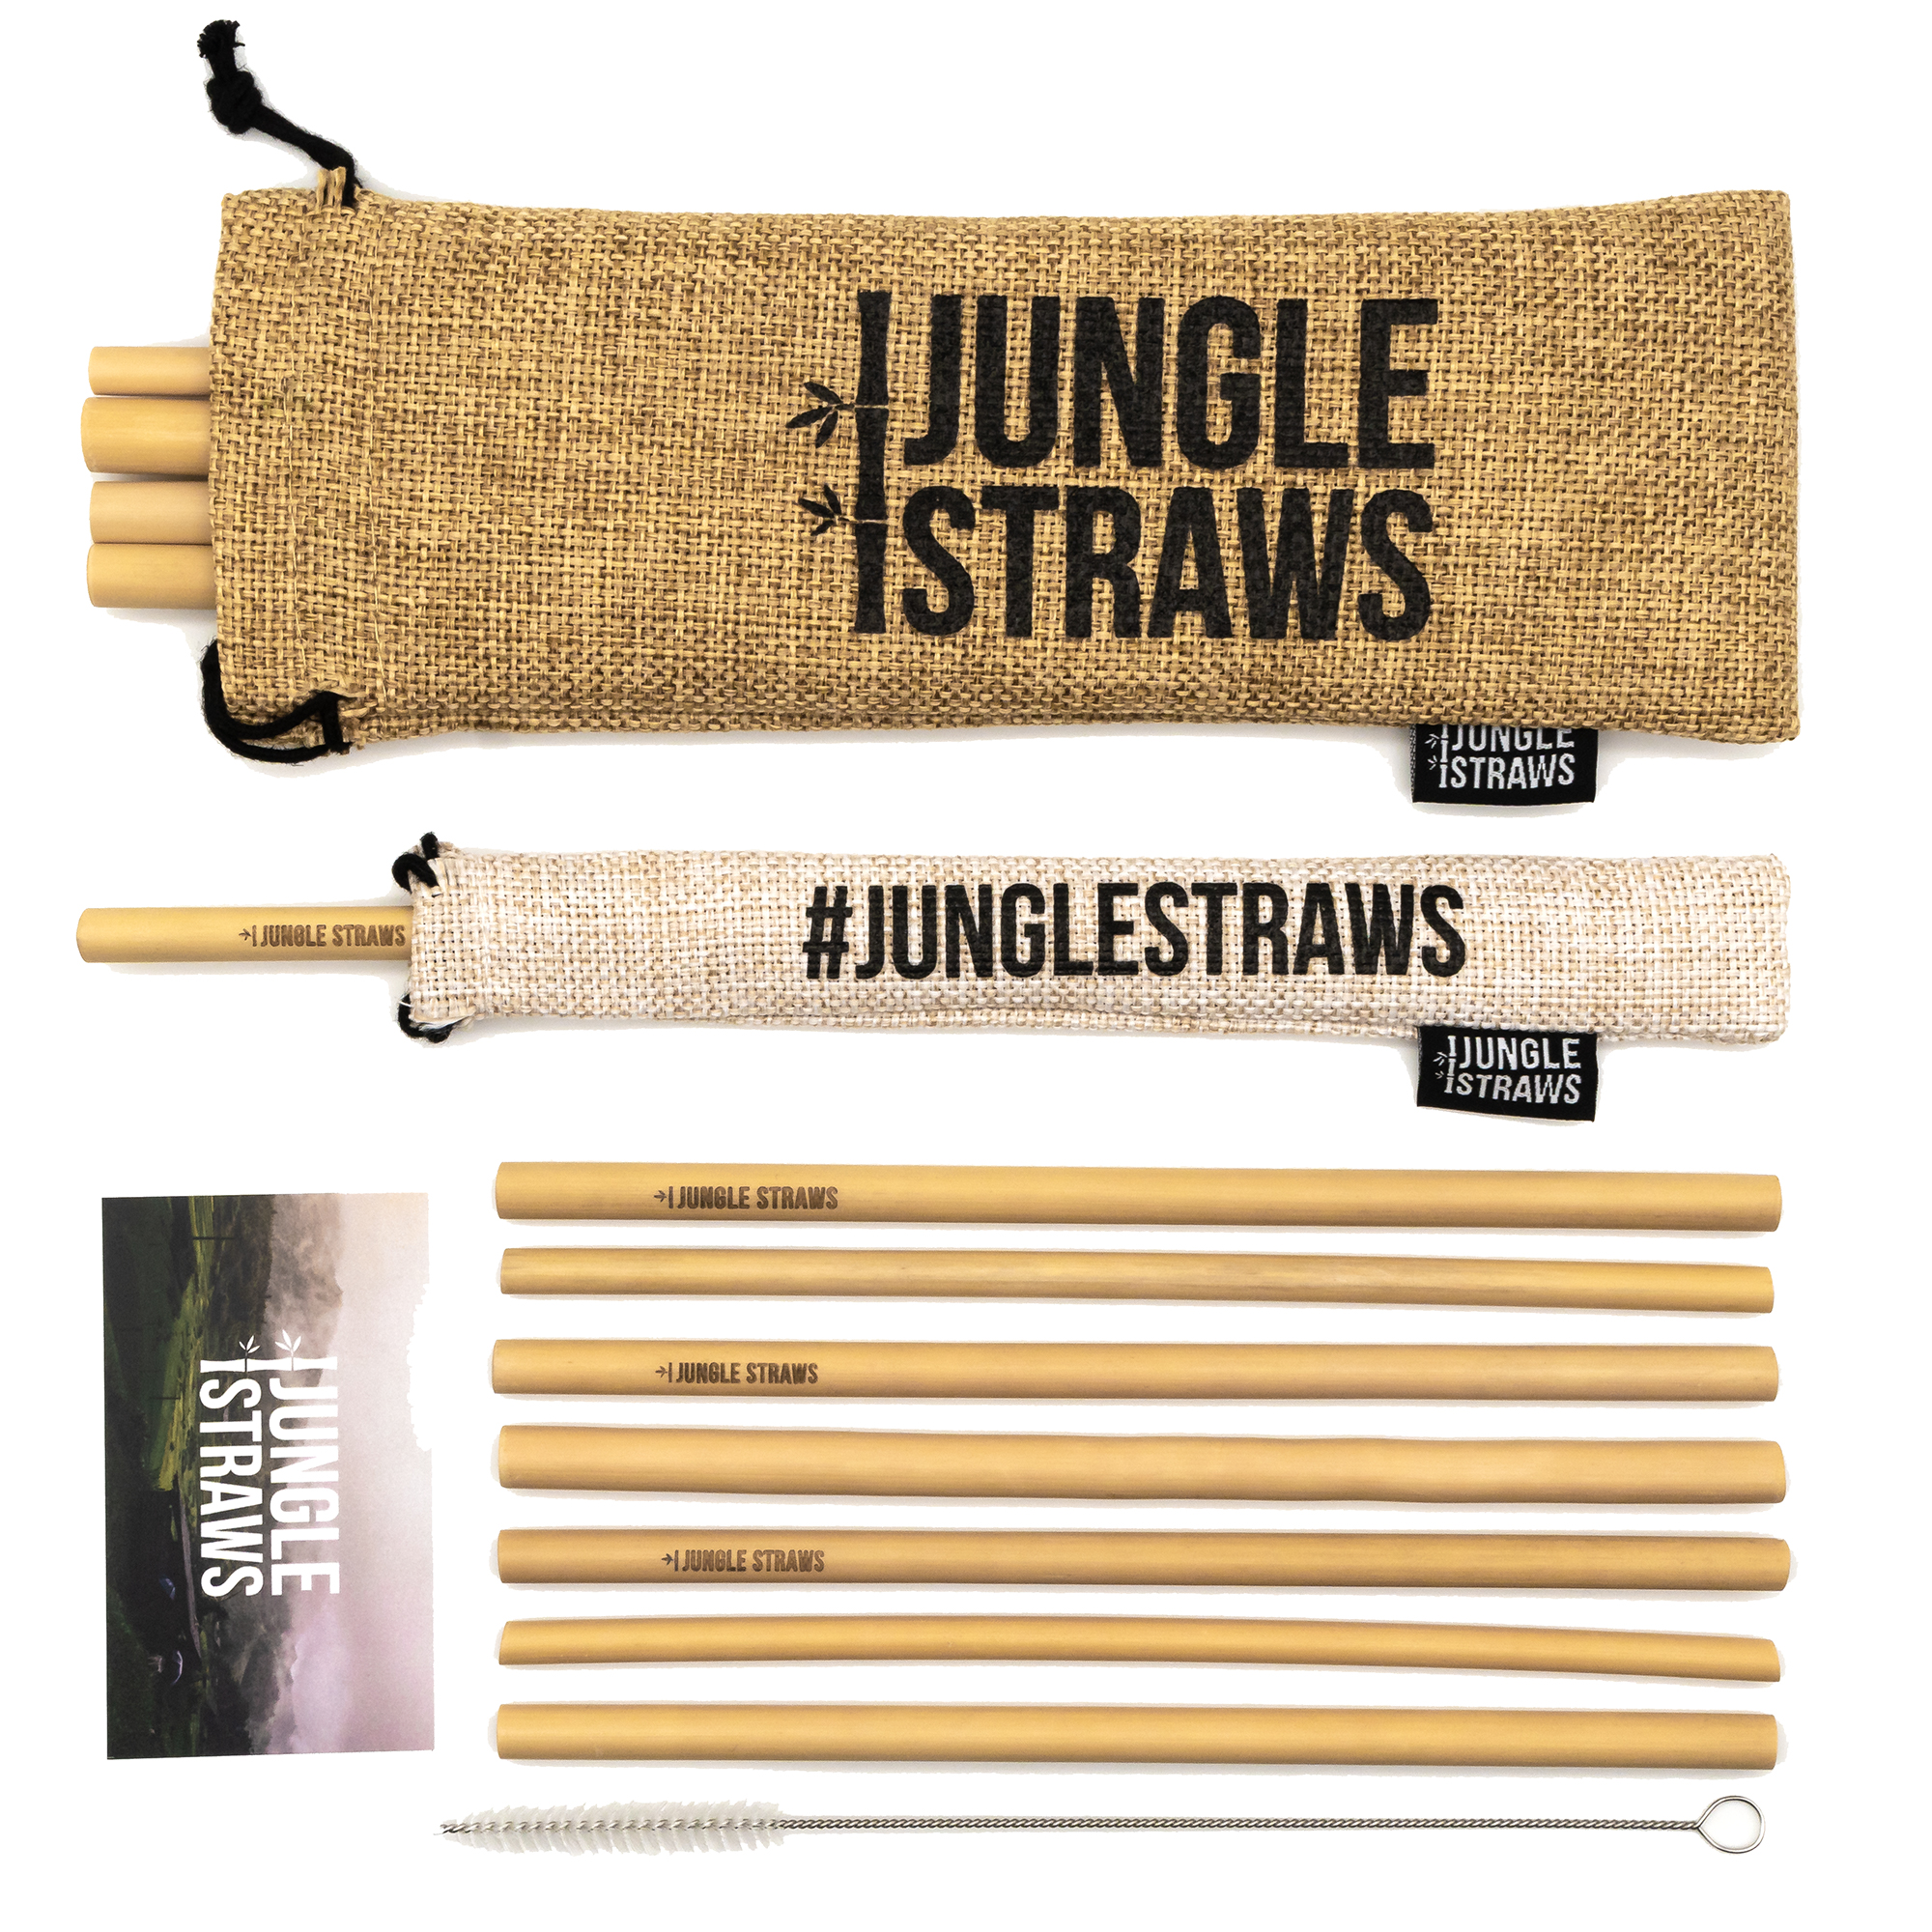 MED-Jungle-Straws-Set-Reusable-Bamboo-Straws-Eco-Friendly-Organic-Wholesale-Dishwasher-Safe-Washable.jpg